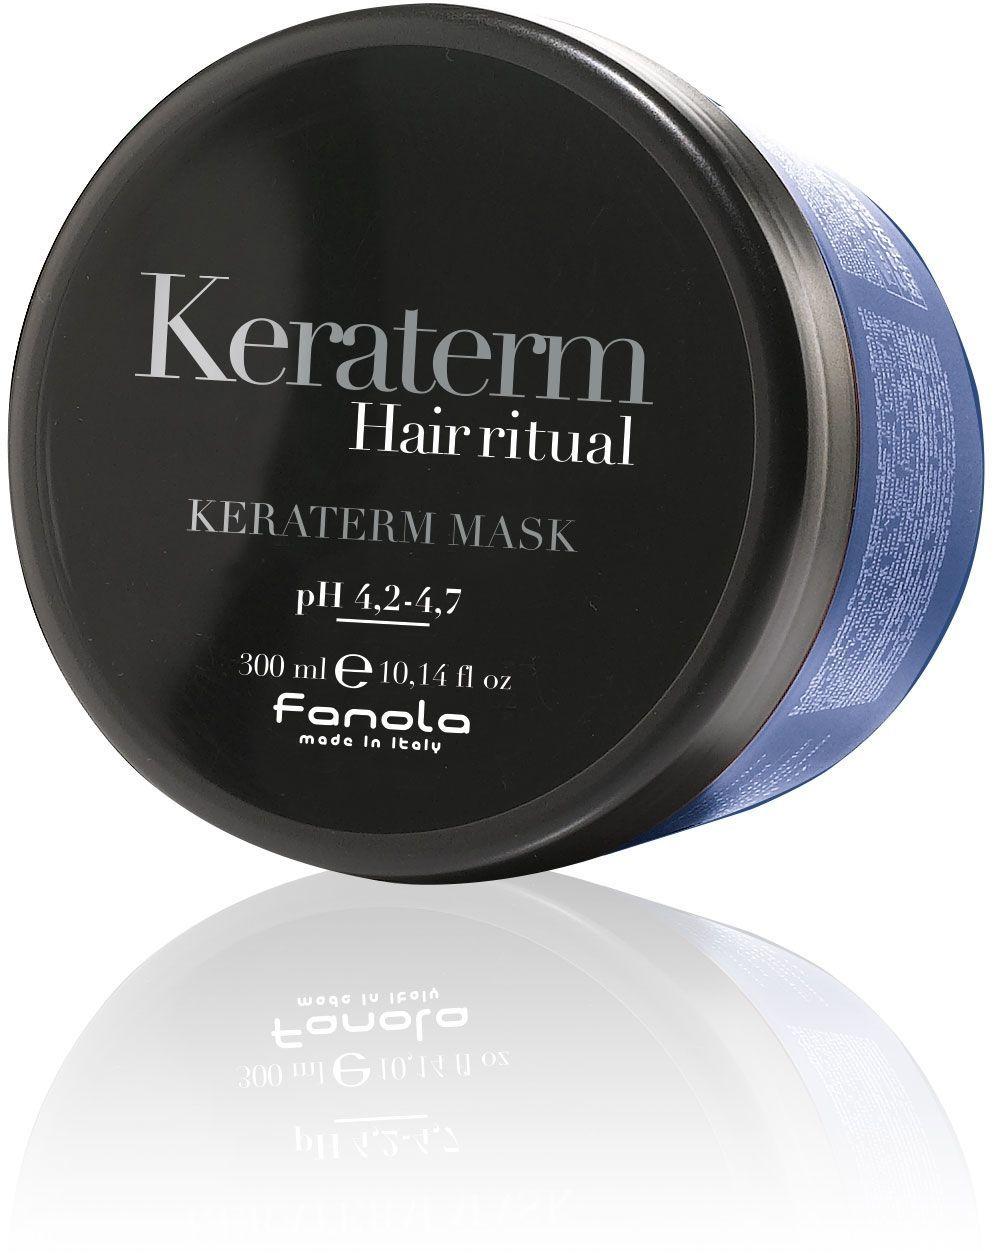 Fanola Maska do włosów Keraterm 300 ml (86580) 1